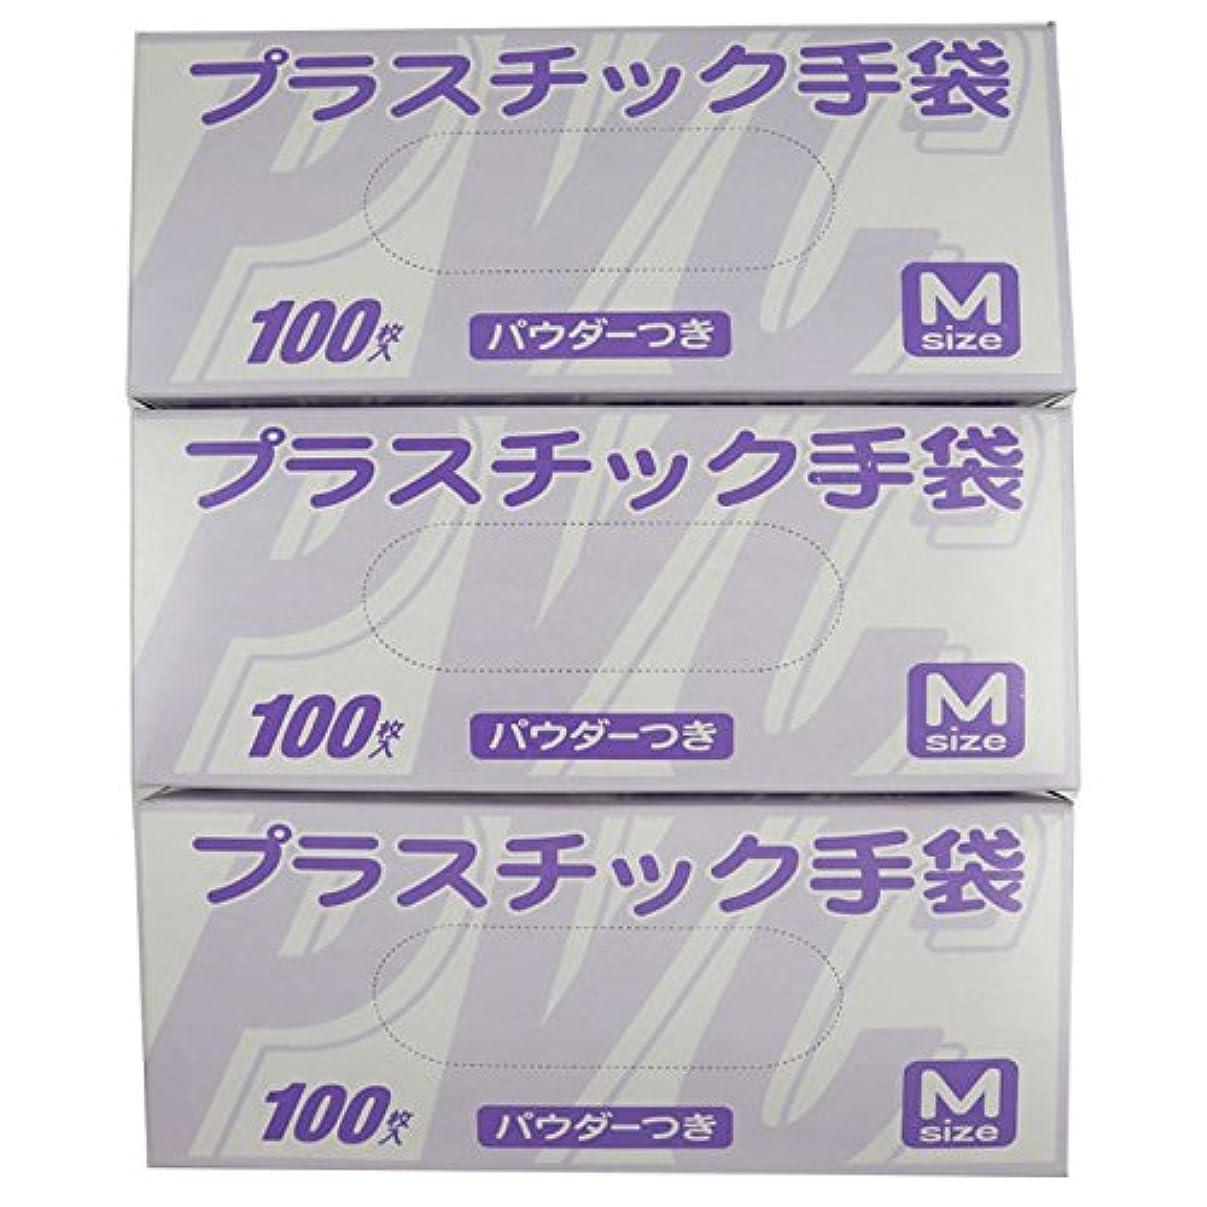 ベルポーチ雇った【お得なセット商品】(300枚) 使い捨て手袋 プラスチックグローブ 粉付 Mサイズ 100枚入×3個セット 超薄手 破れにくい 101022